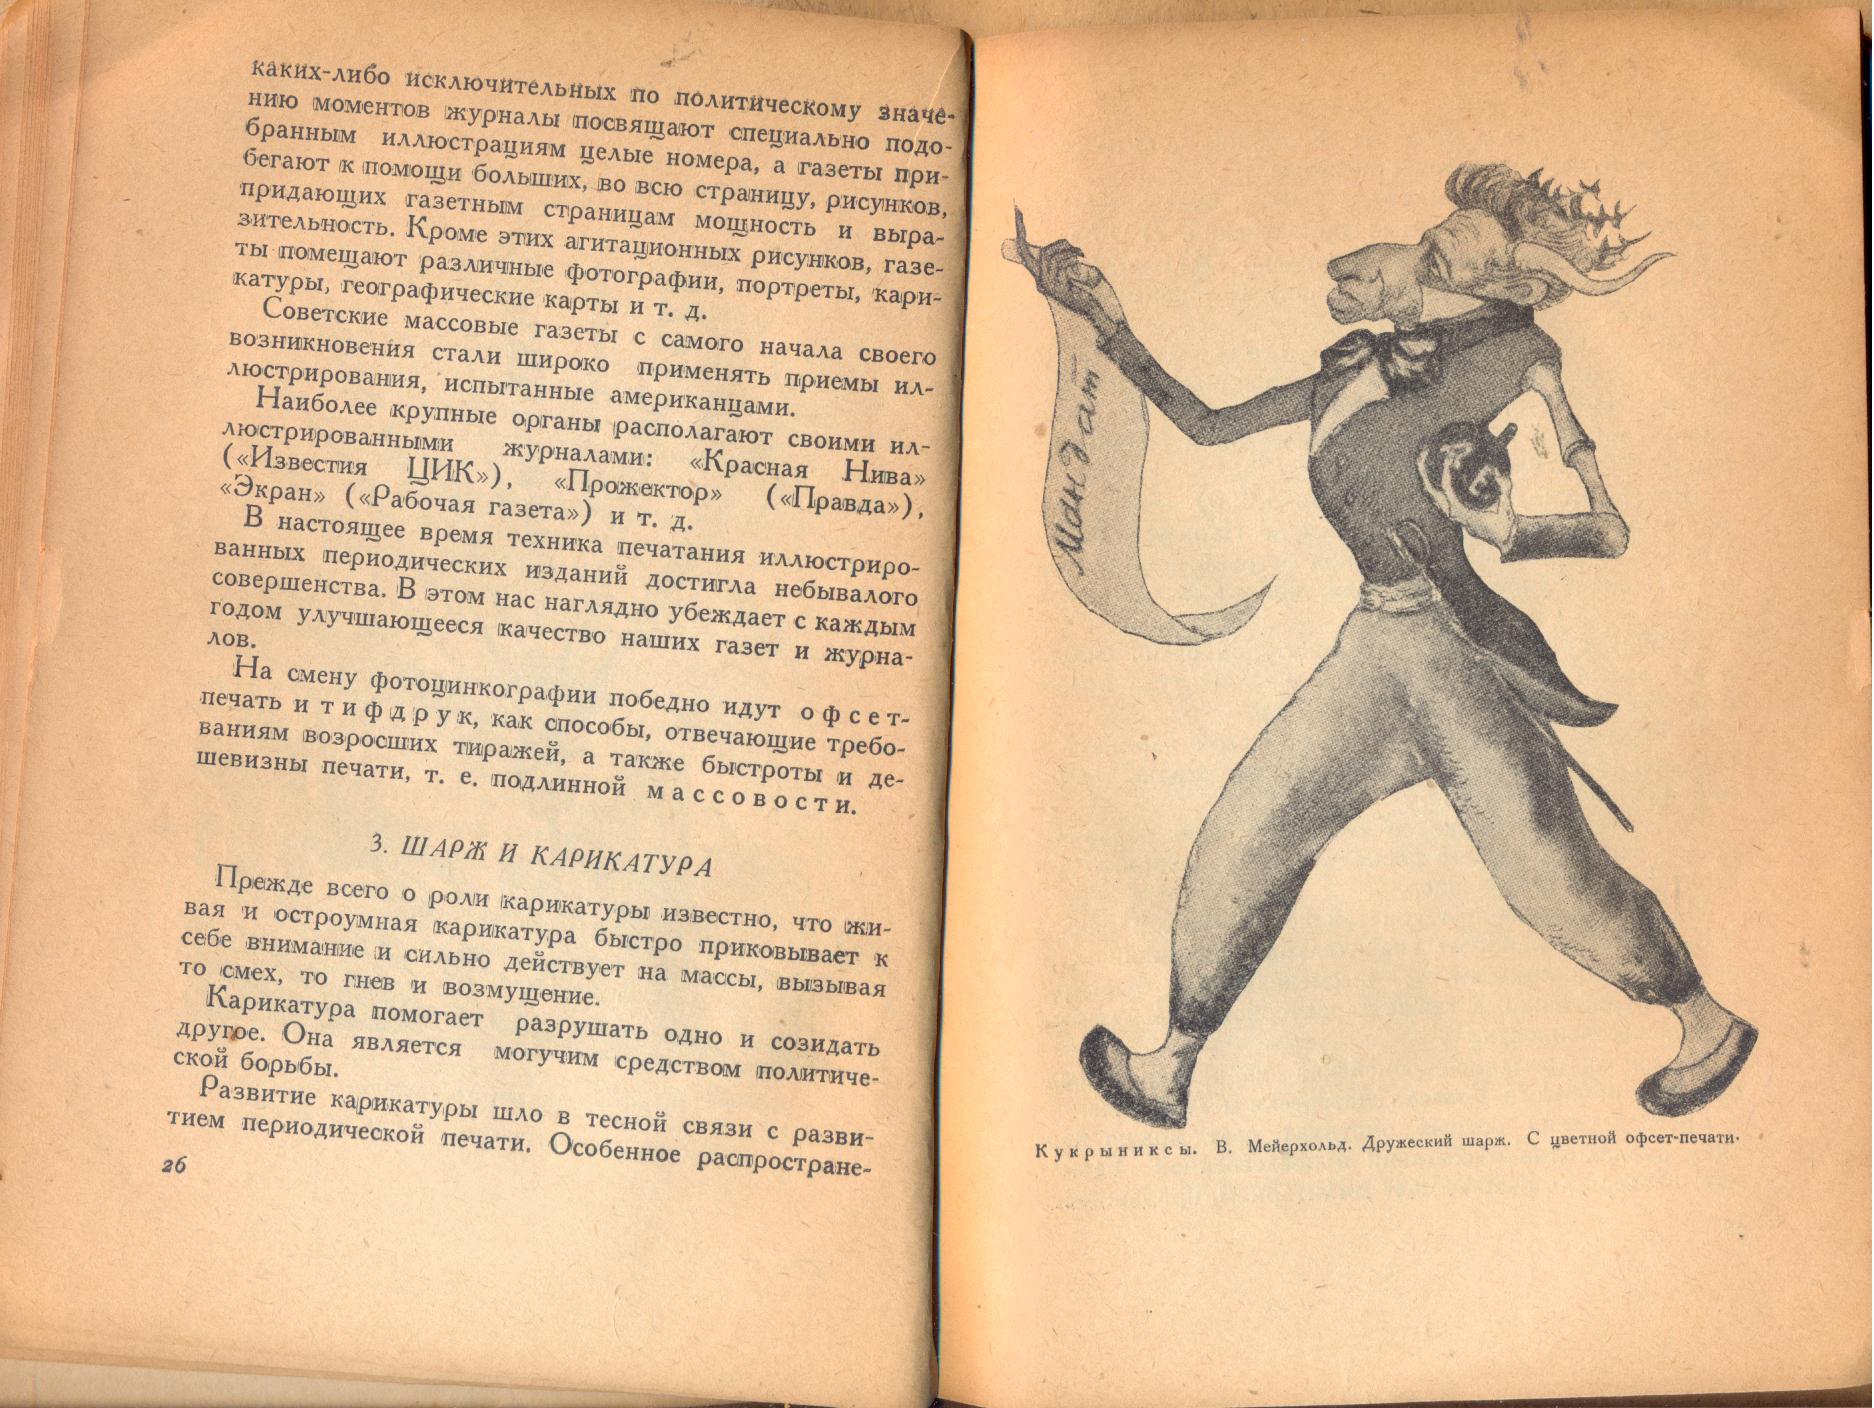 иллюстрация в книге 26.jpg